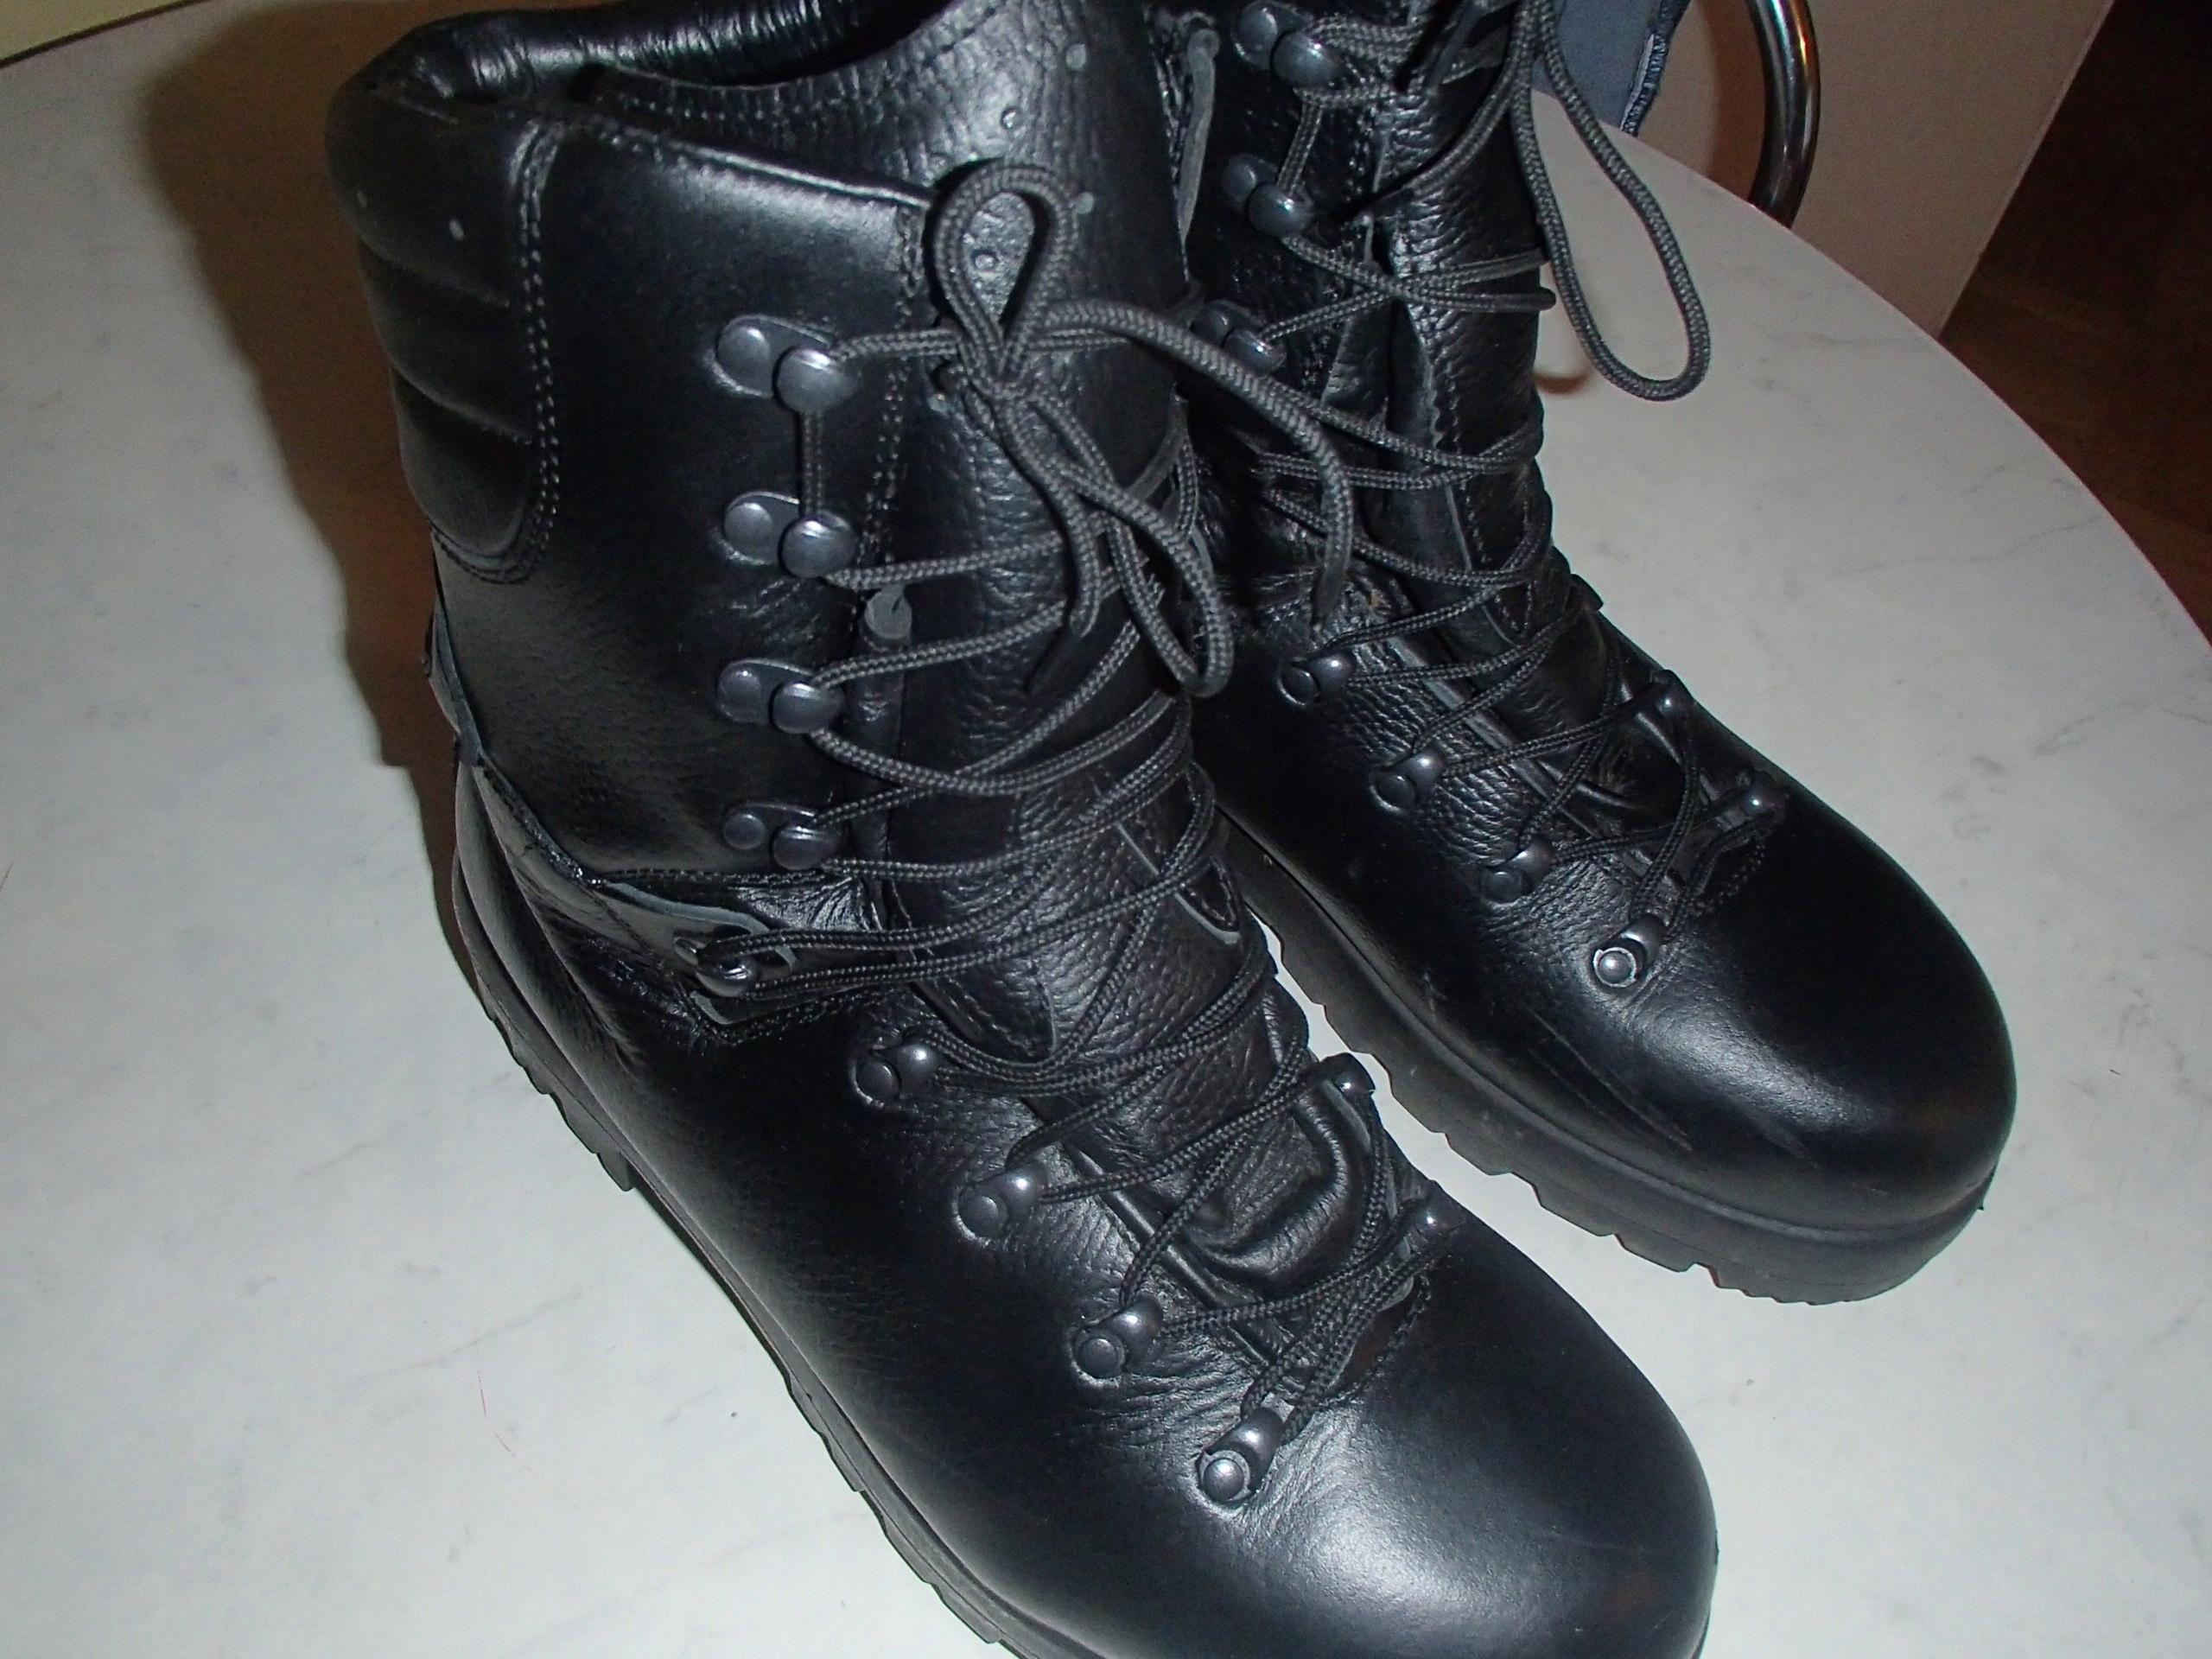 abe13fa0b34bb buty wojskowe w kategorii Kolekcje warszawa w Oficjalnym Archiwum Allegro -  archiwum ofert